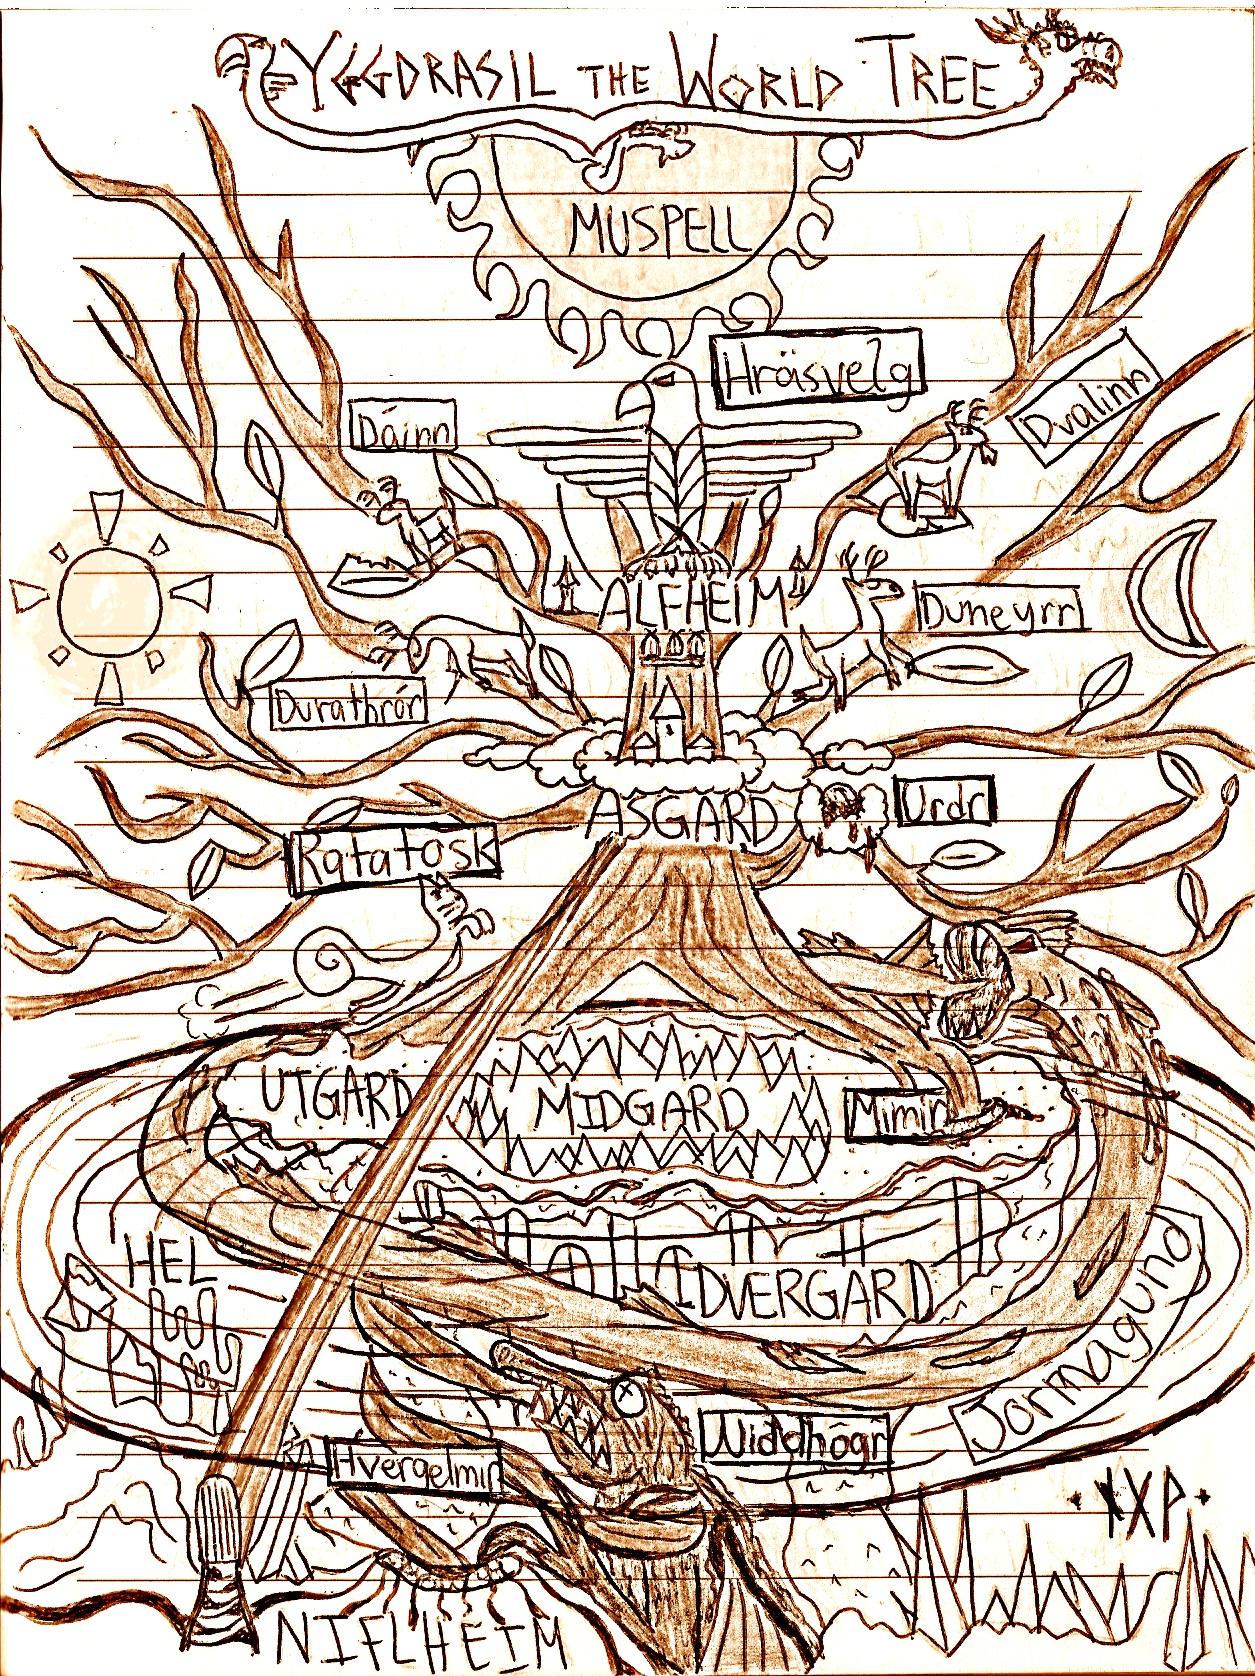 Midgard Yggdrasil